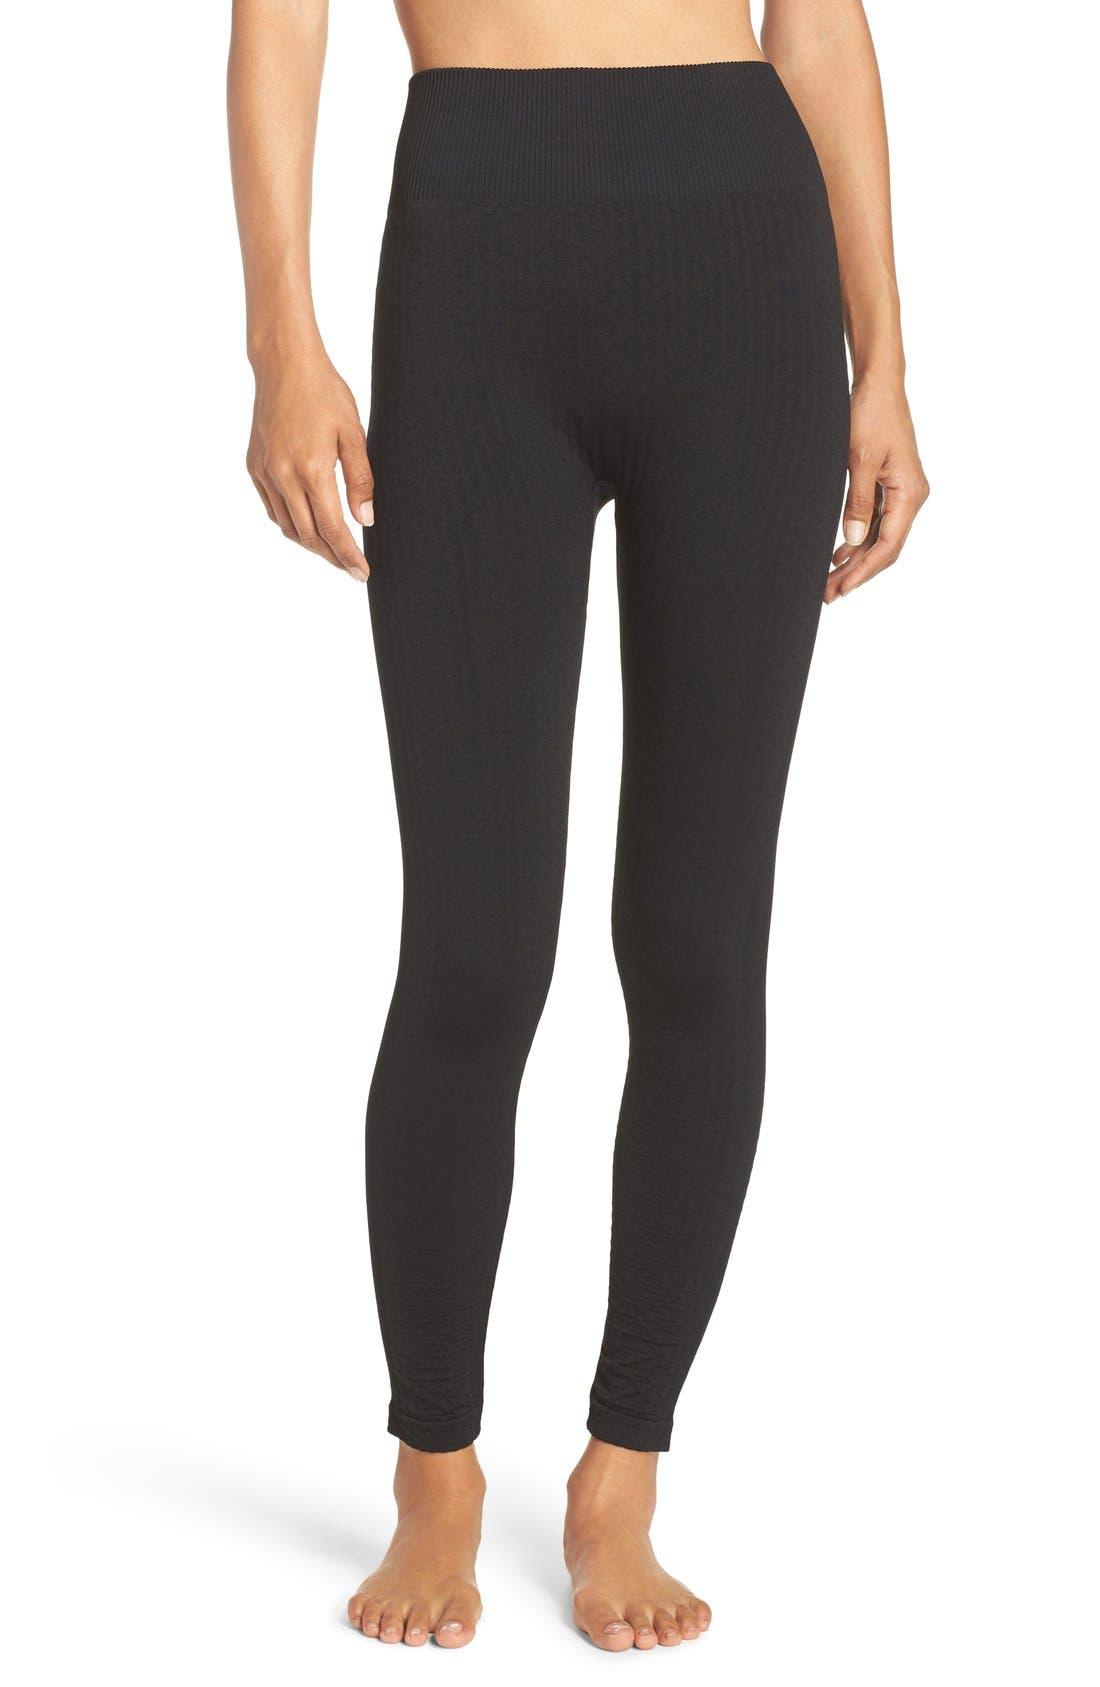 'Trail Blazer' High Waist Leggings,                         Main,                         color, Black Melange